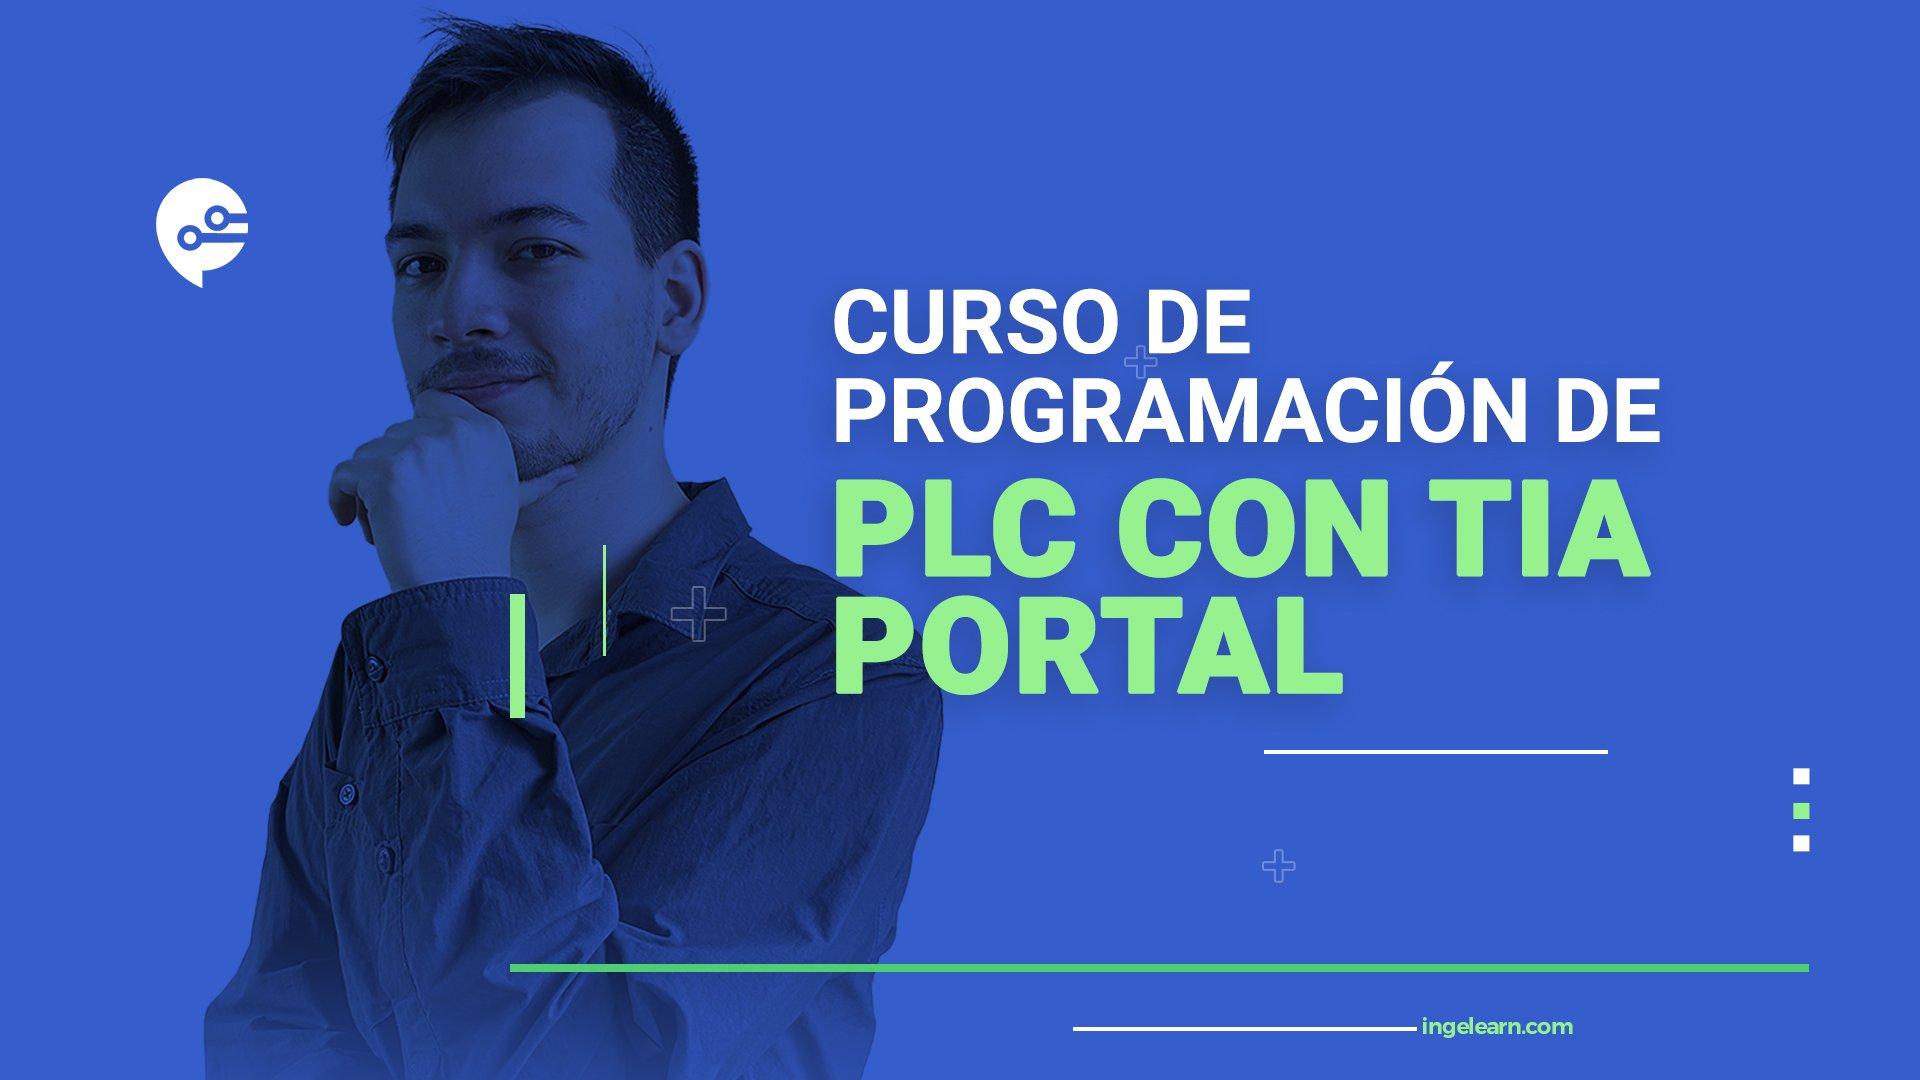 Portada de curso PLC TIA PORTAL